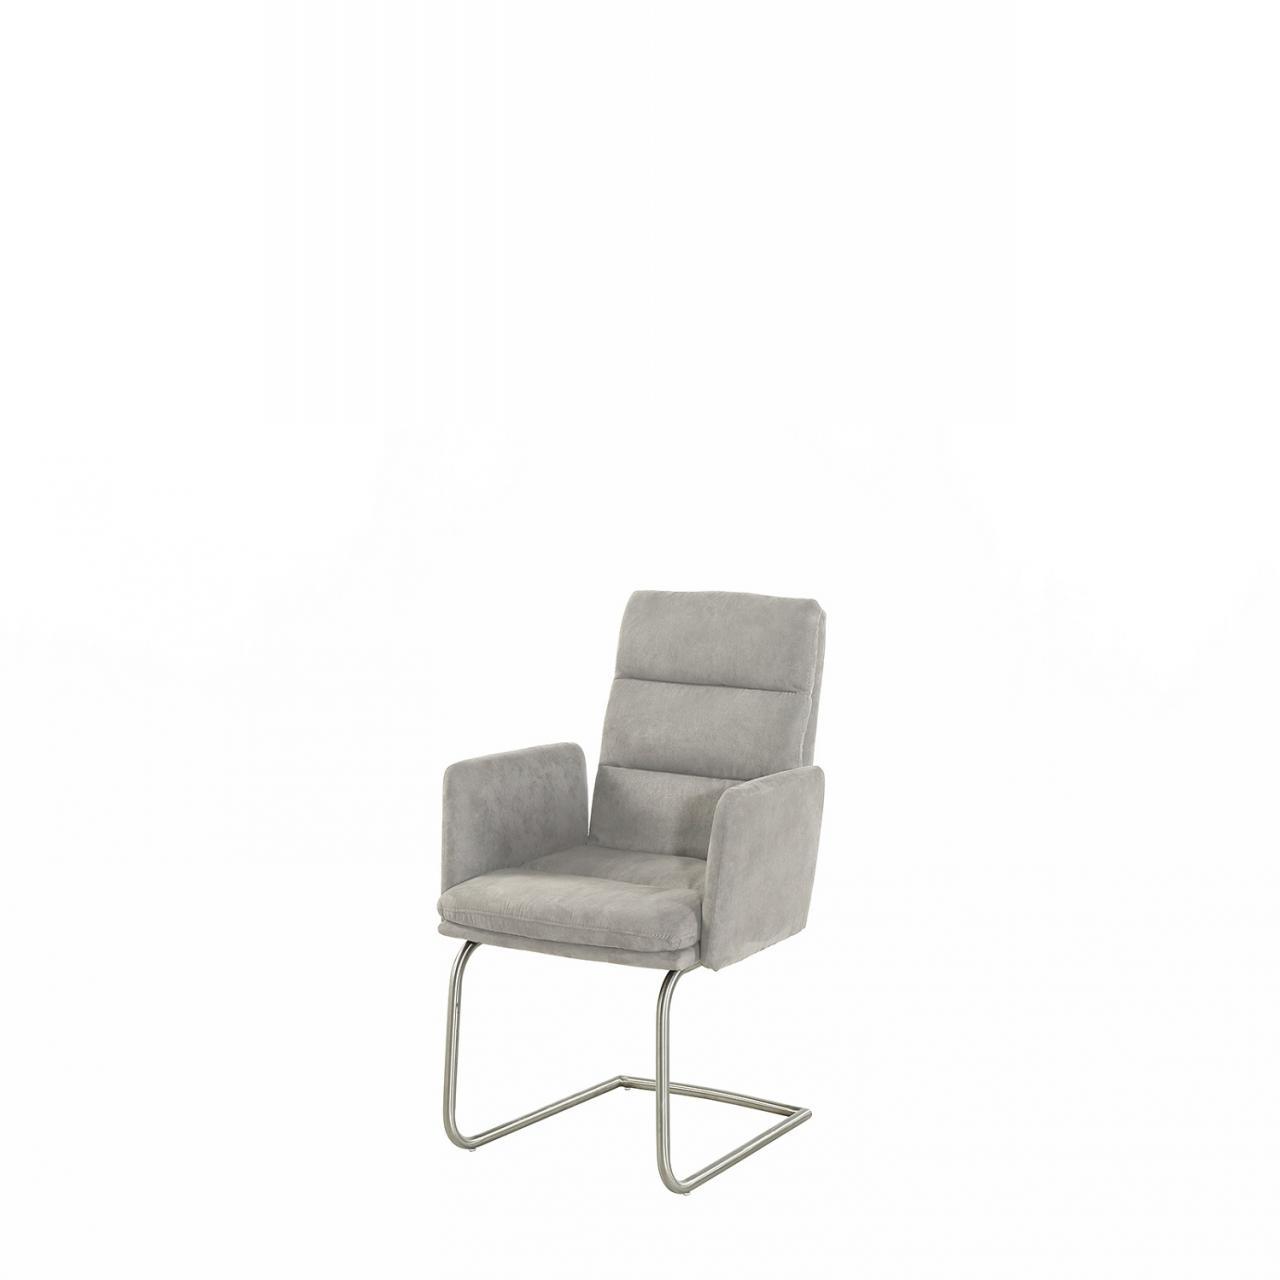 Schwingstuhl Jack 2 Mit Armlehne Grau Esszimmerstuhl Küche Stoff Stuhl